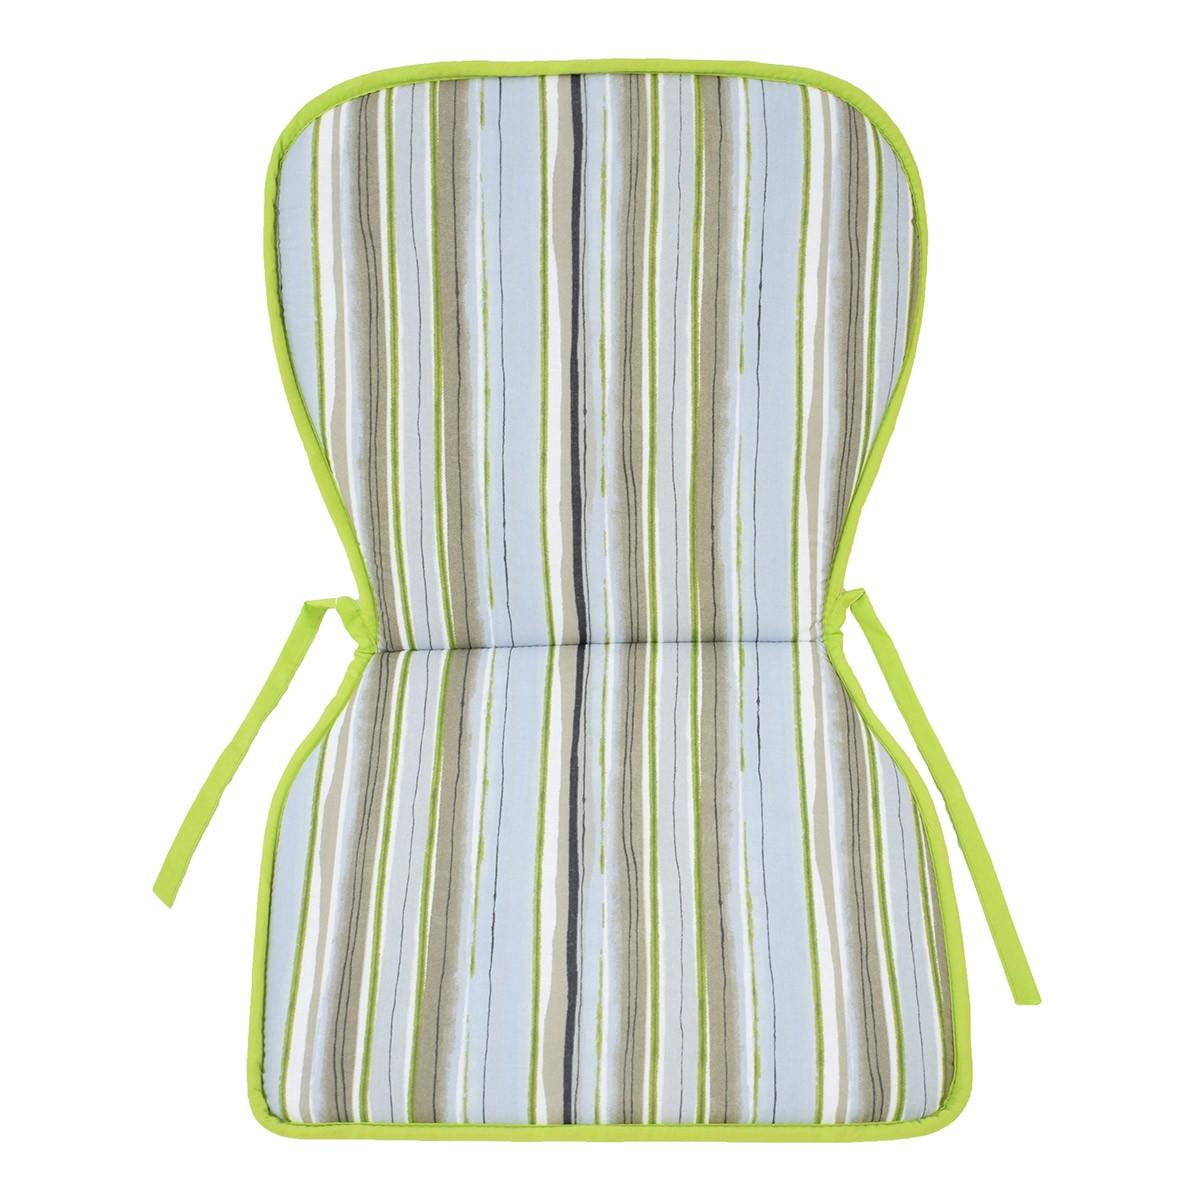 Μαξιλάρι Καρέκλας Κιθάρα 2 Όψεων Fratoni DobleCara Green